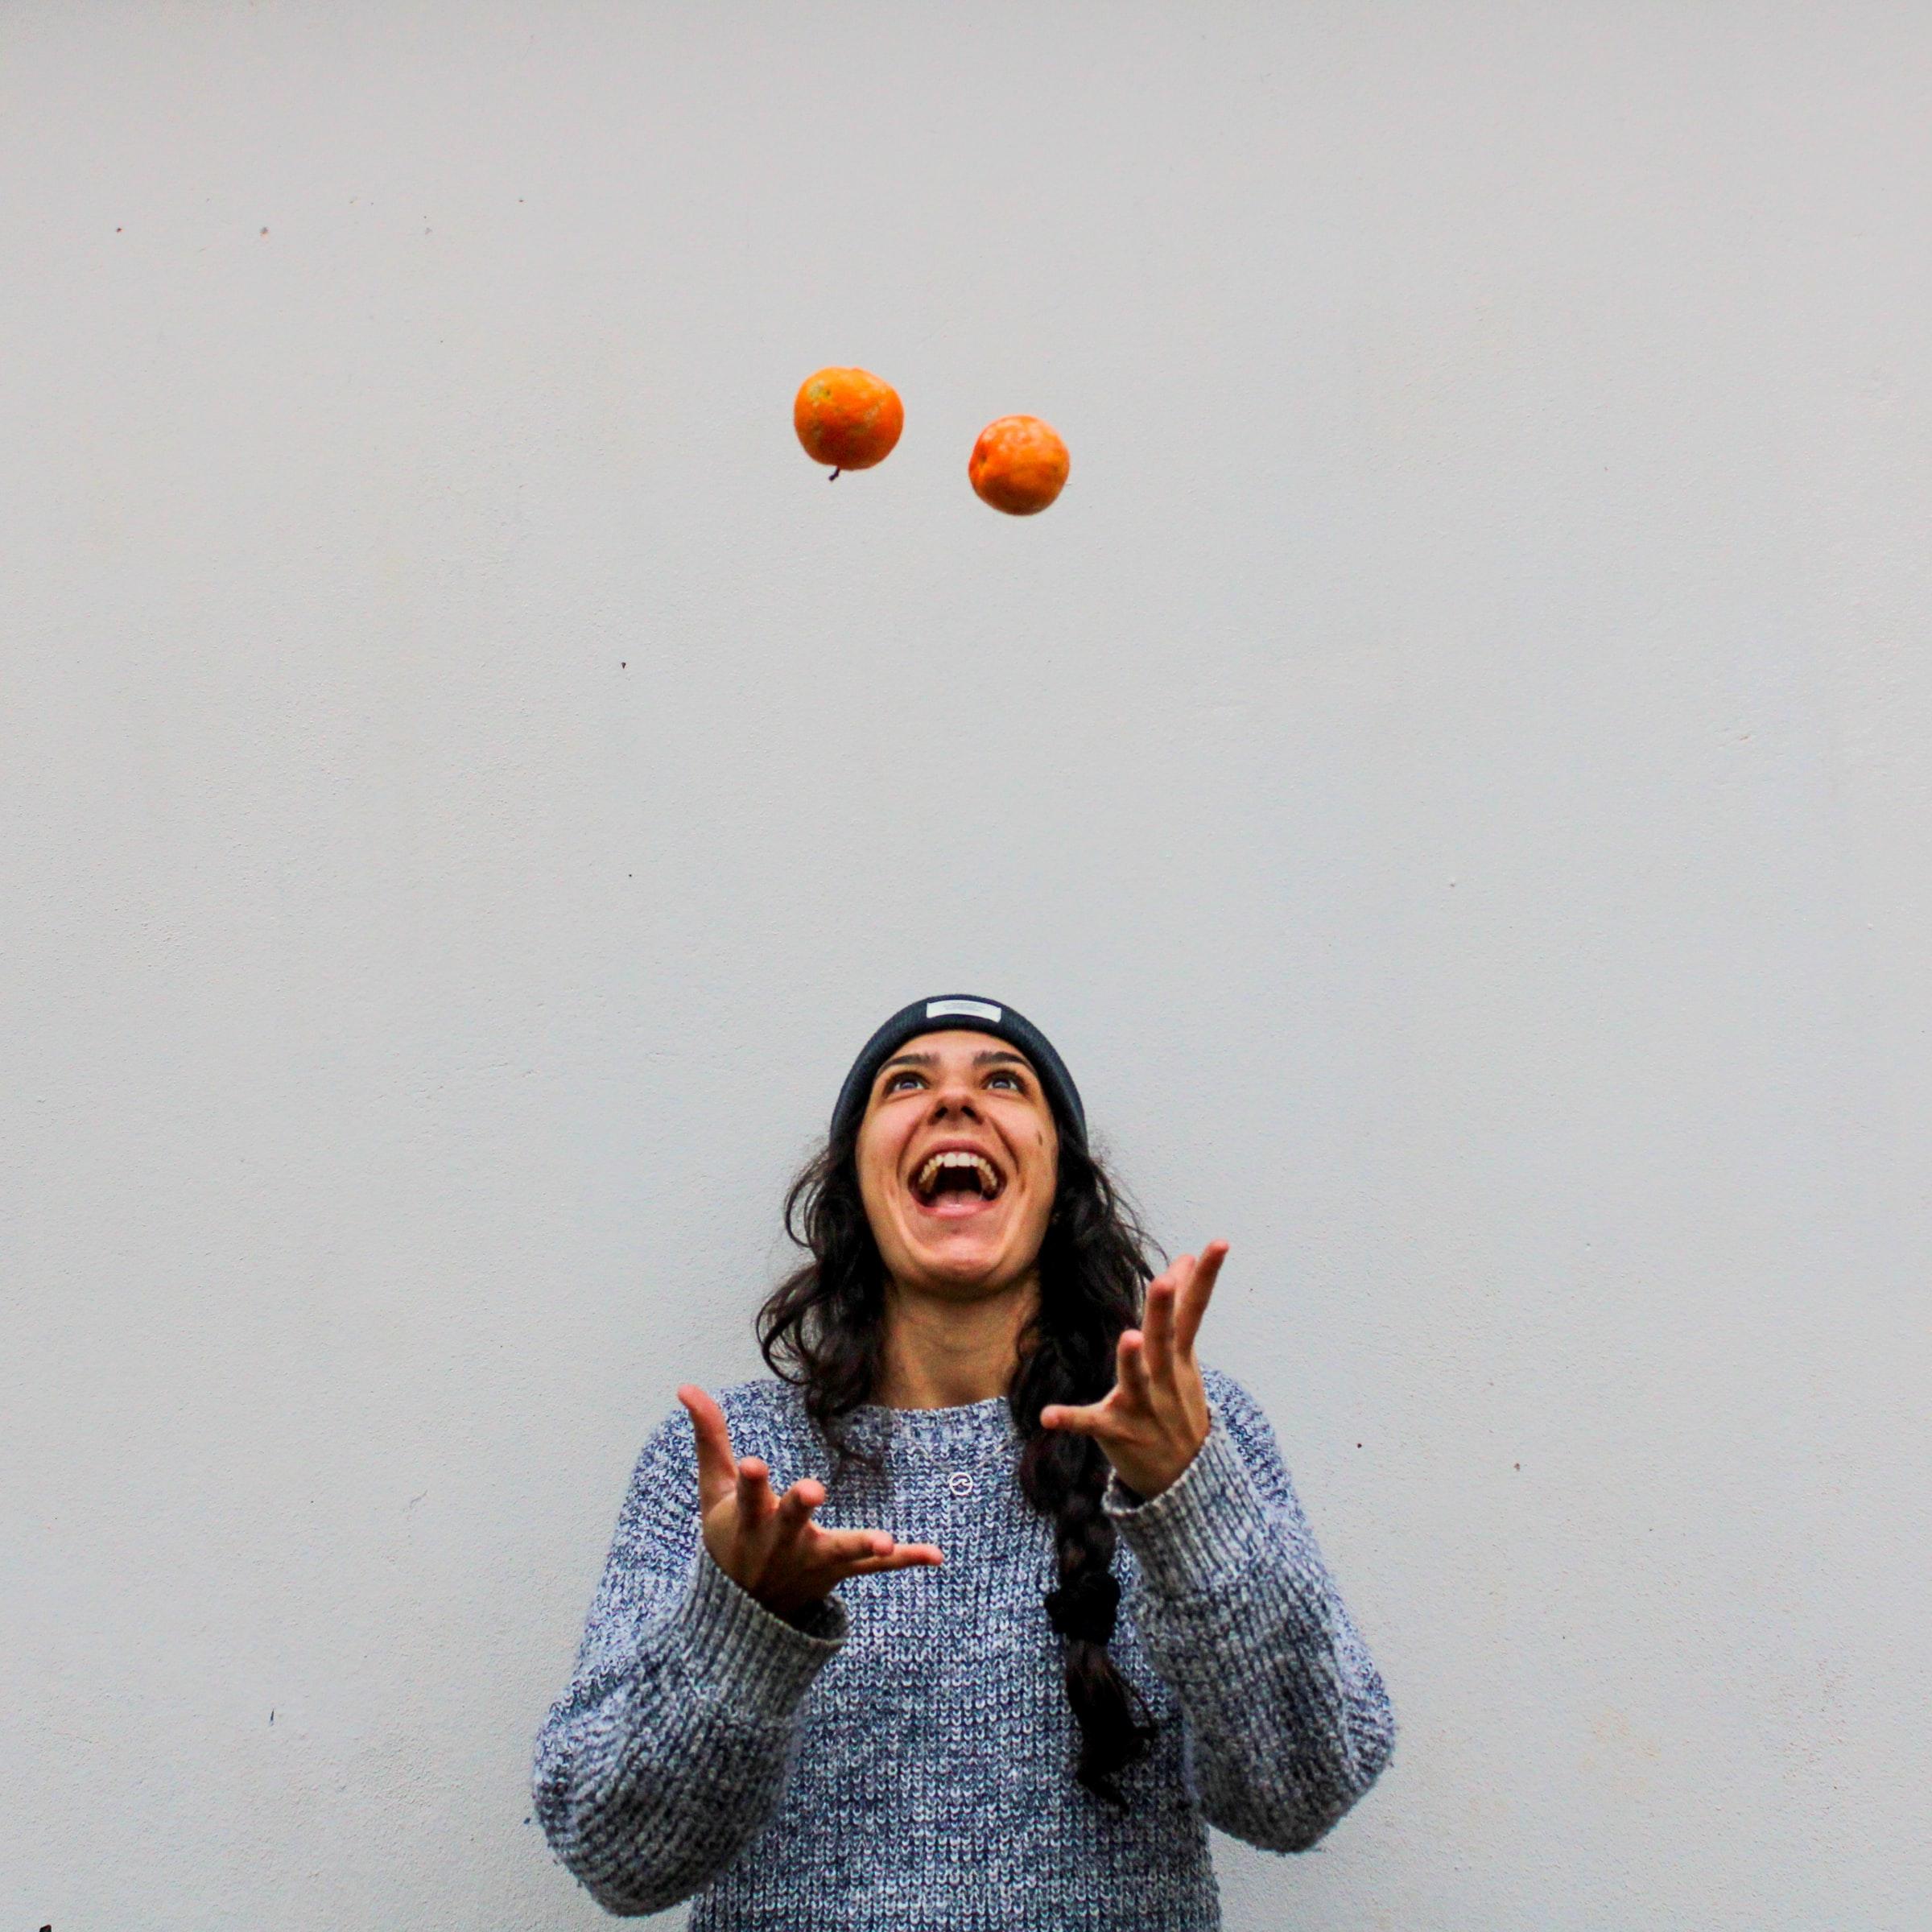 kvinna jonglerar med bollar